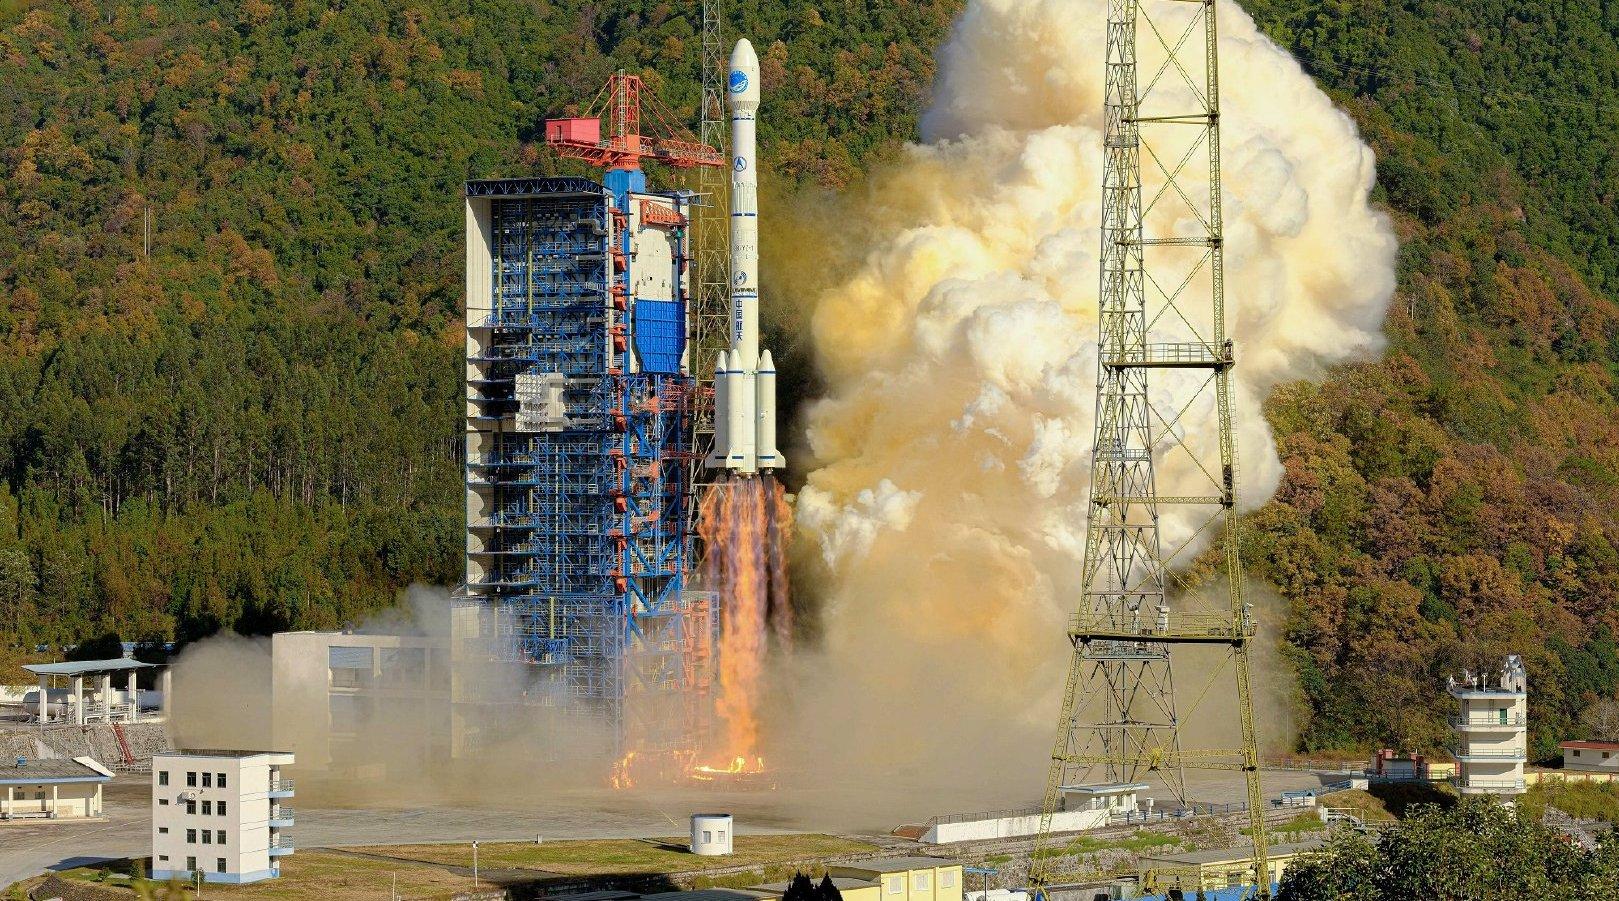 北斗问天:刷新全球卫星导航系统组网速度世界纪录